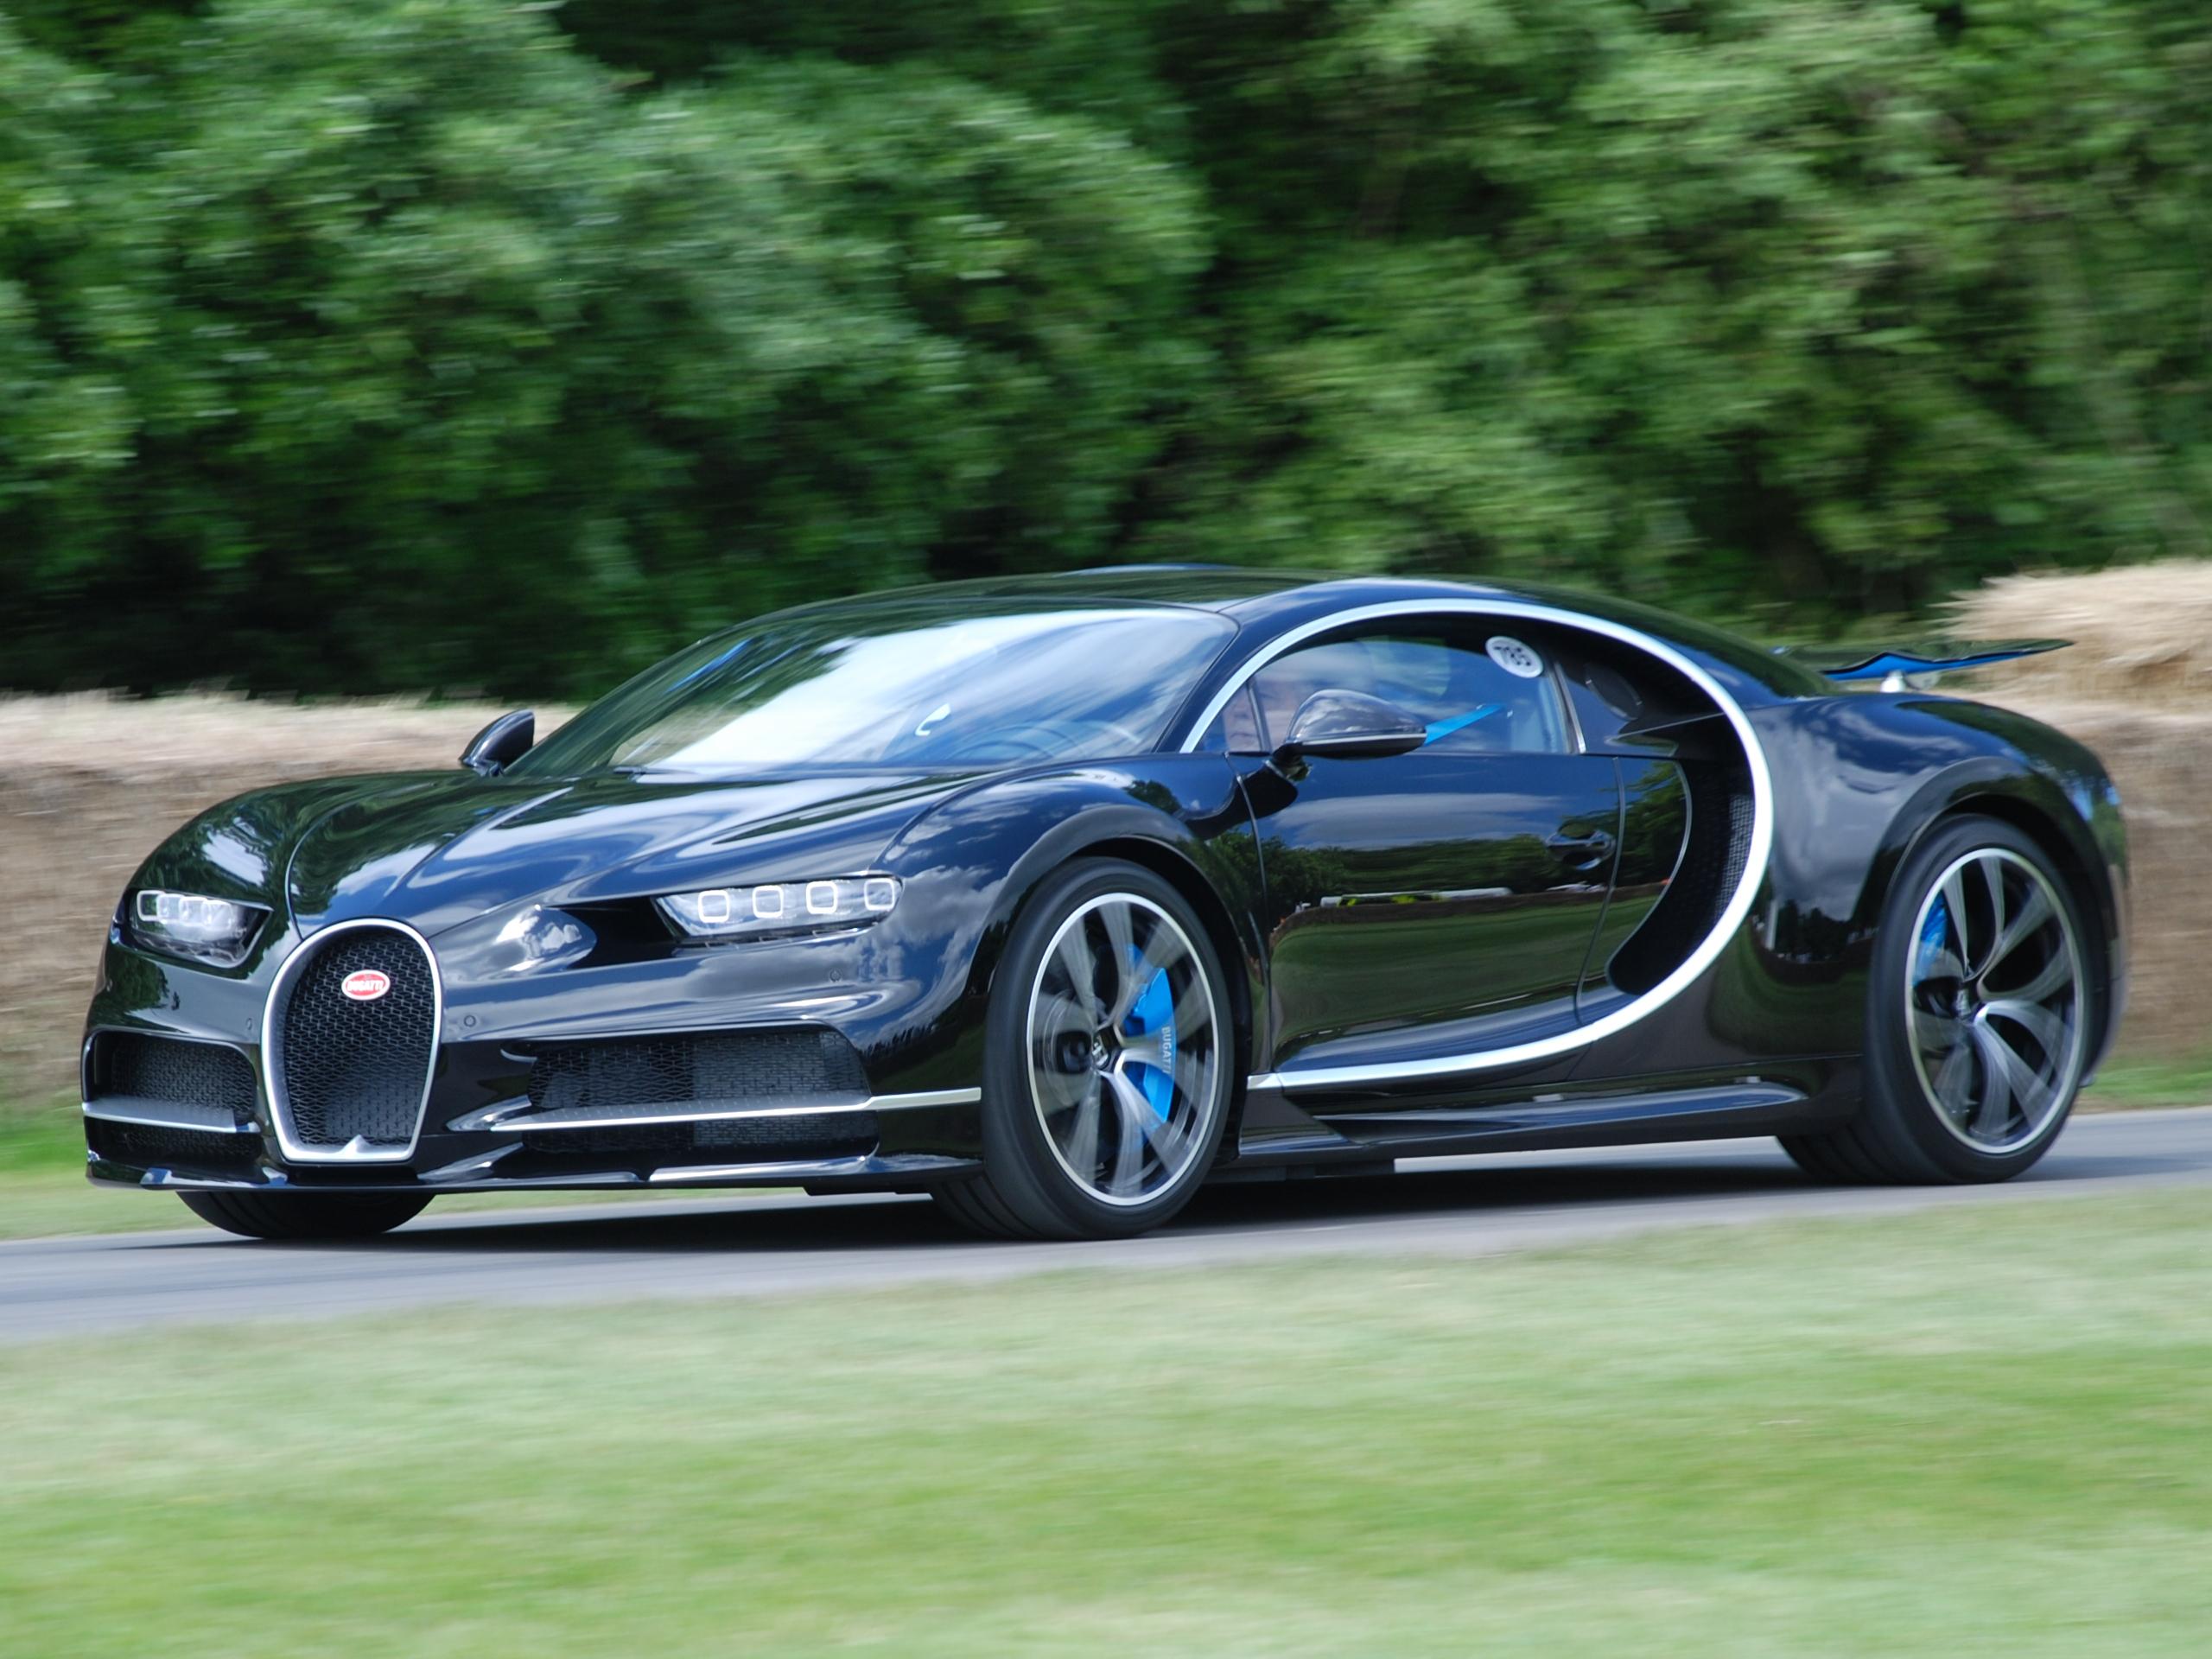 تعرف إلى أسرع أربع سيارات في العالم حصلت على أرقام قياسية عالمية تجاوزت سرعتها الـ 450 كلم بالساعة